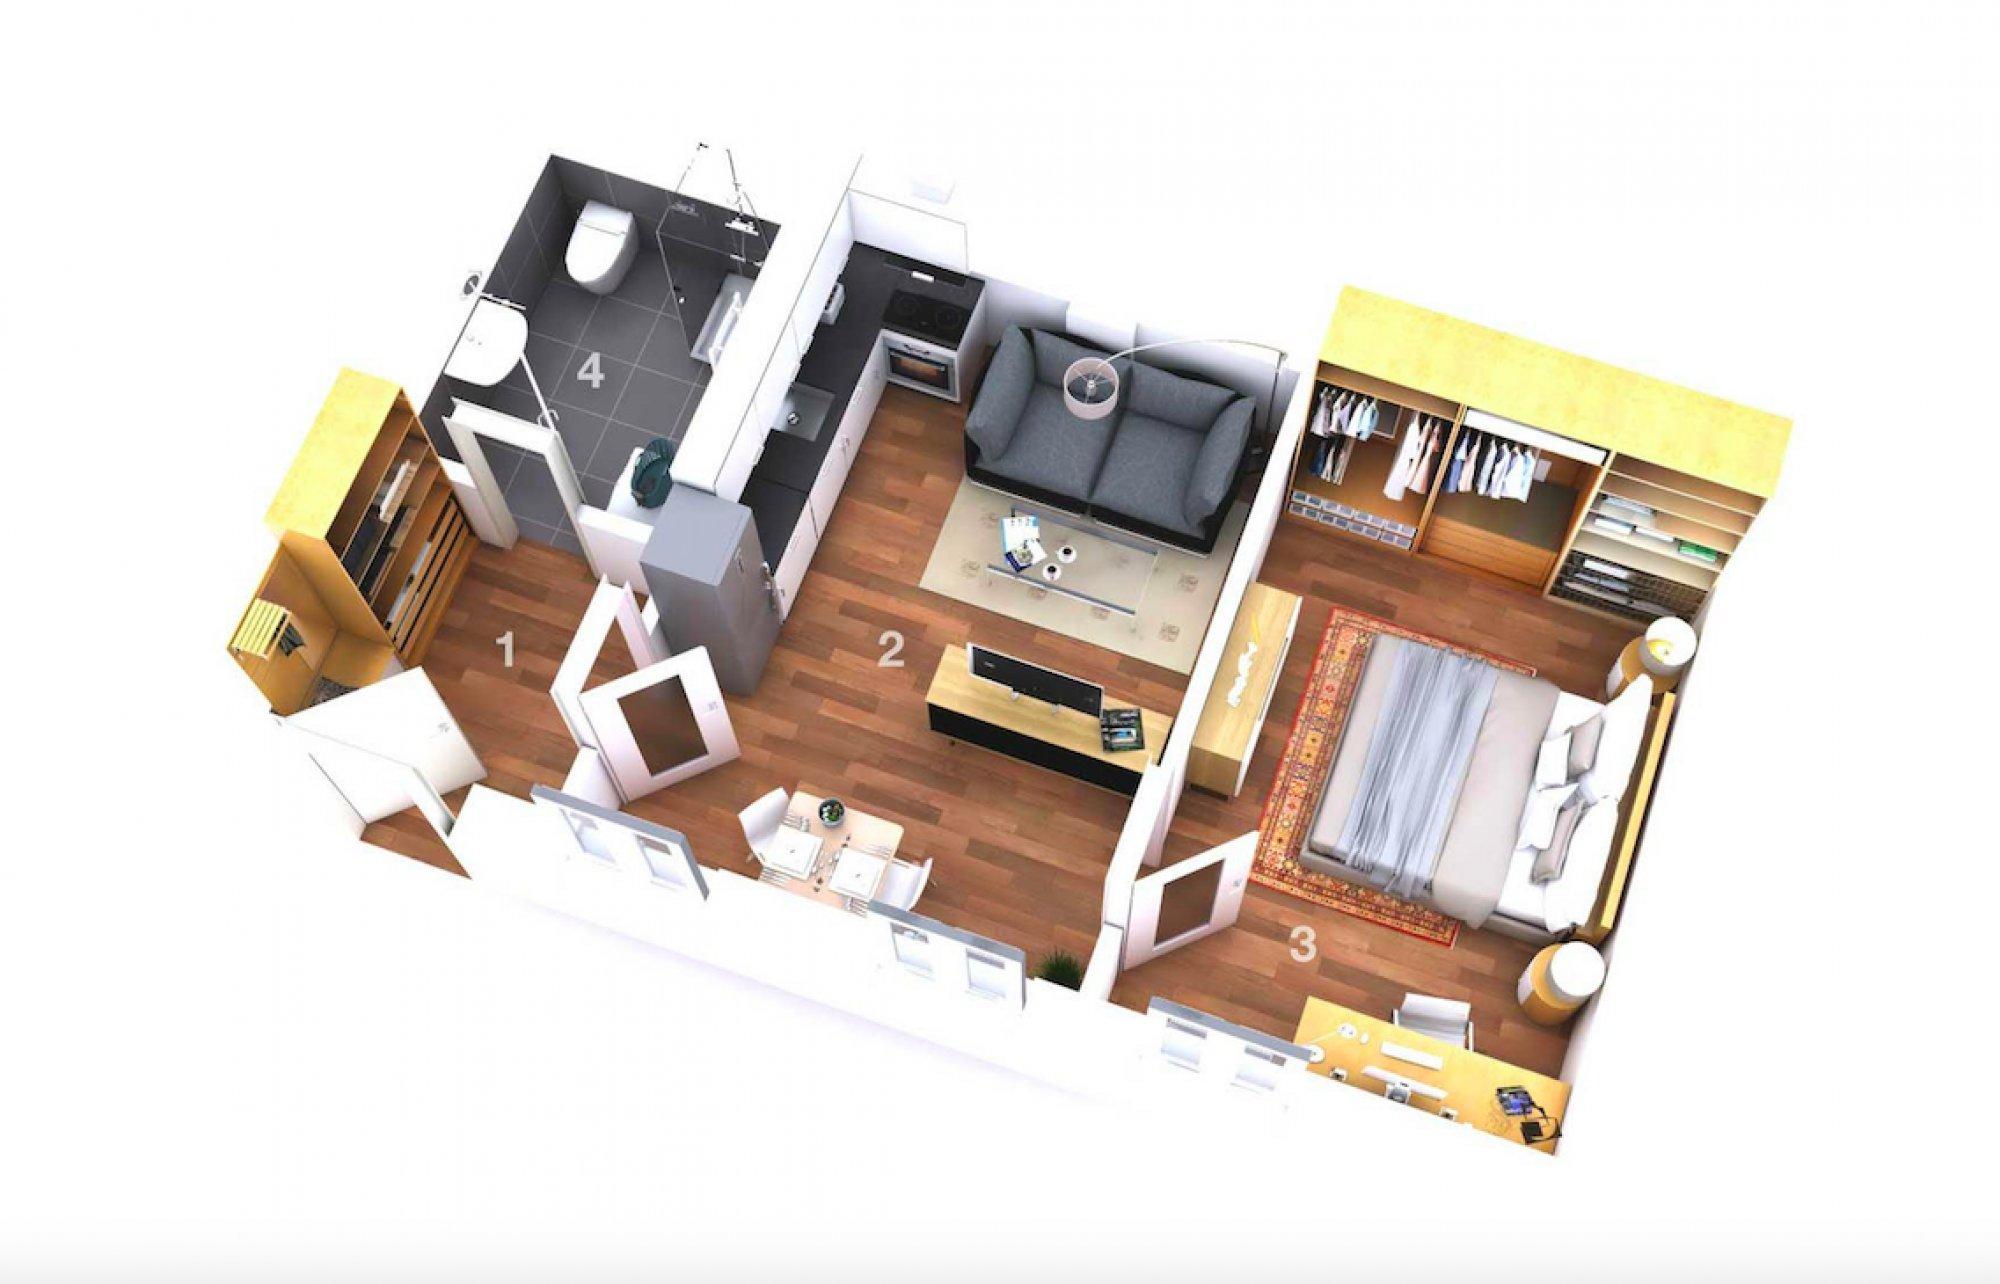 Půdorys - Půdní byt 2+kk, plocha 41 m², ulice Turnovská, Praha 8 - Libeň